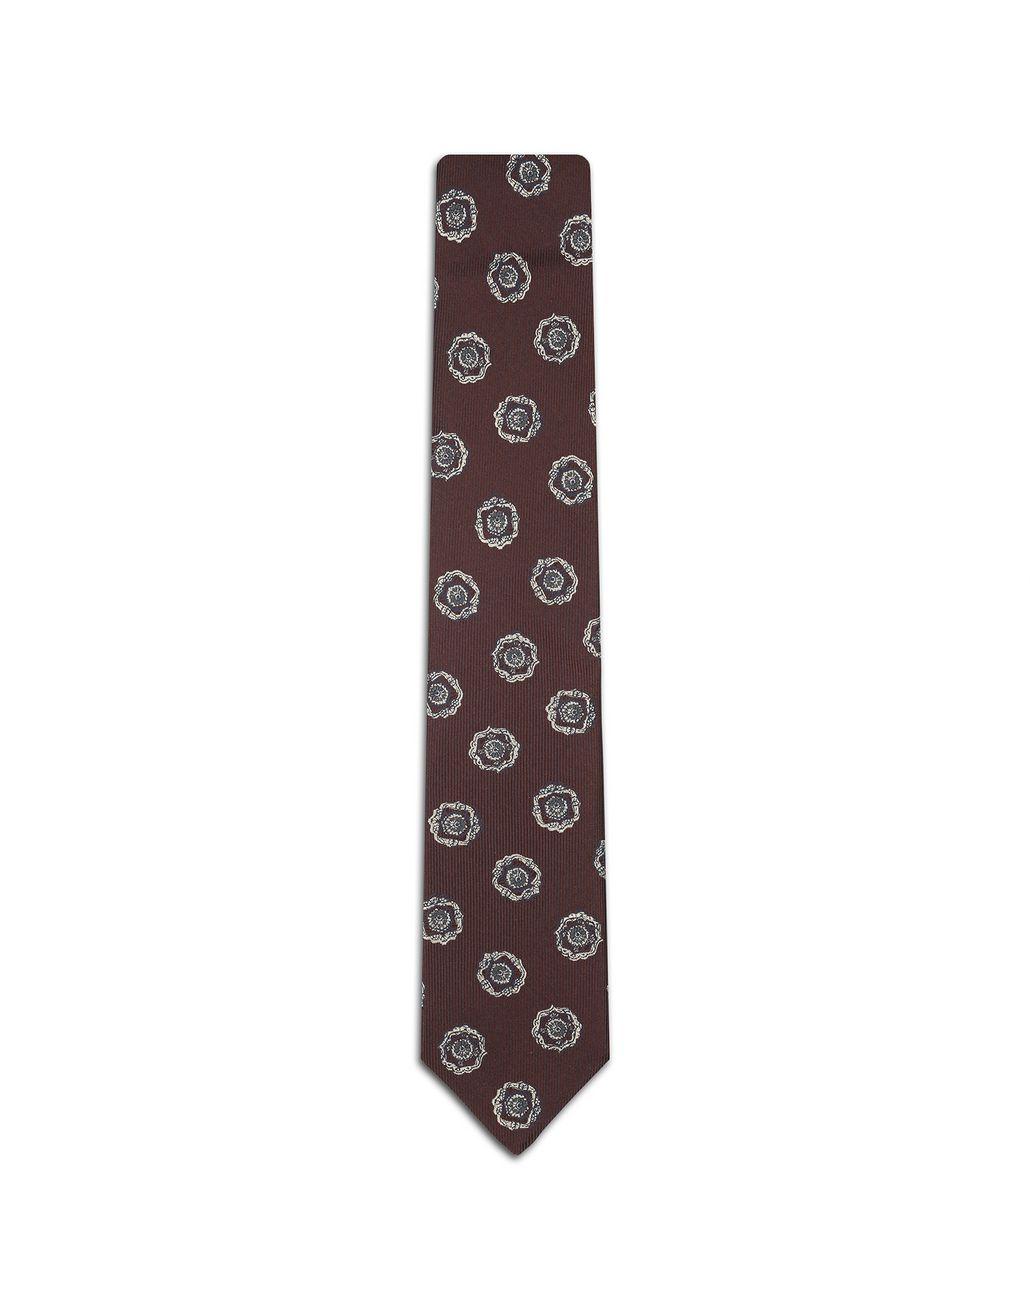 BRIONI Bordeaux Macro Designed Tie. Tie Man f